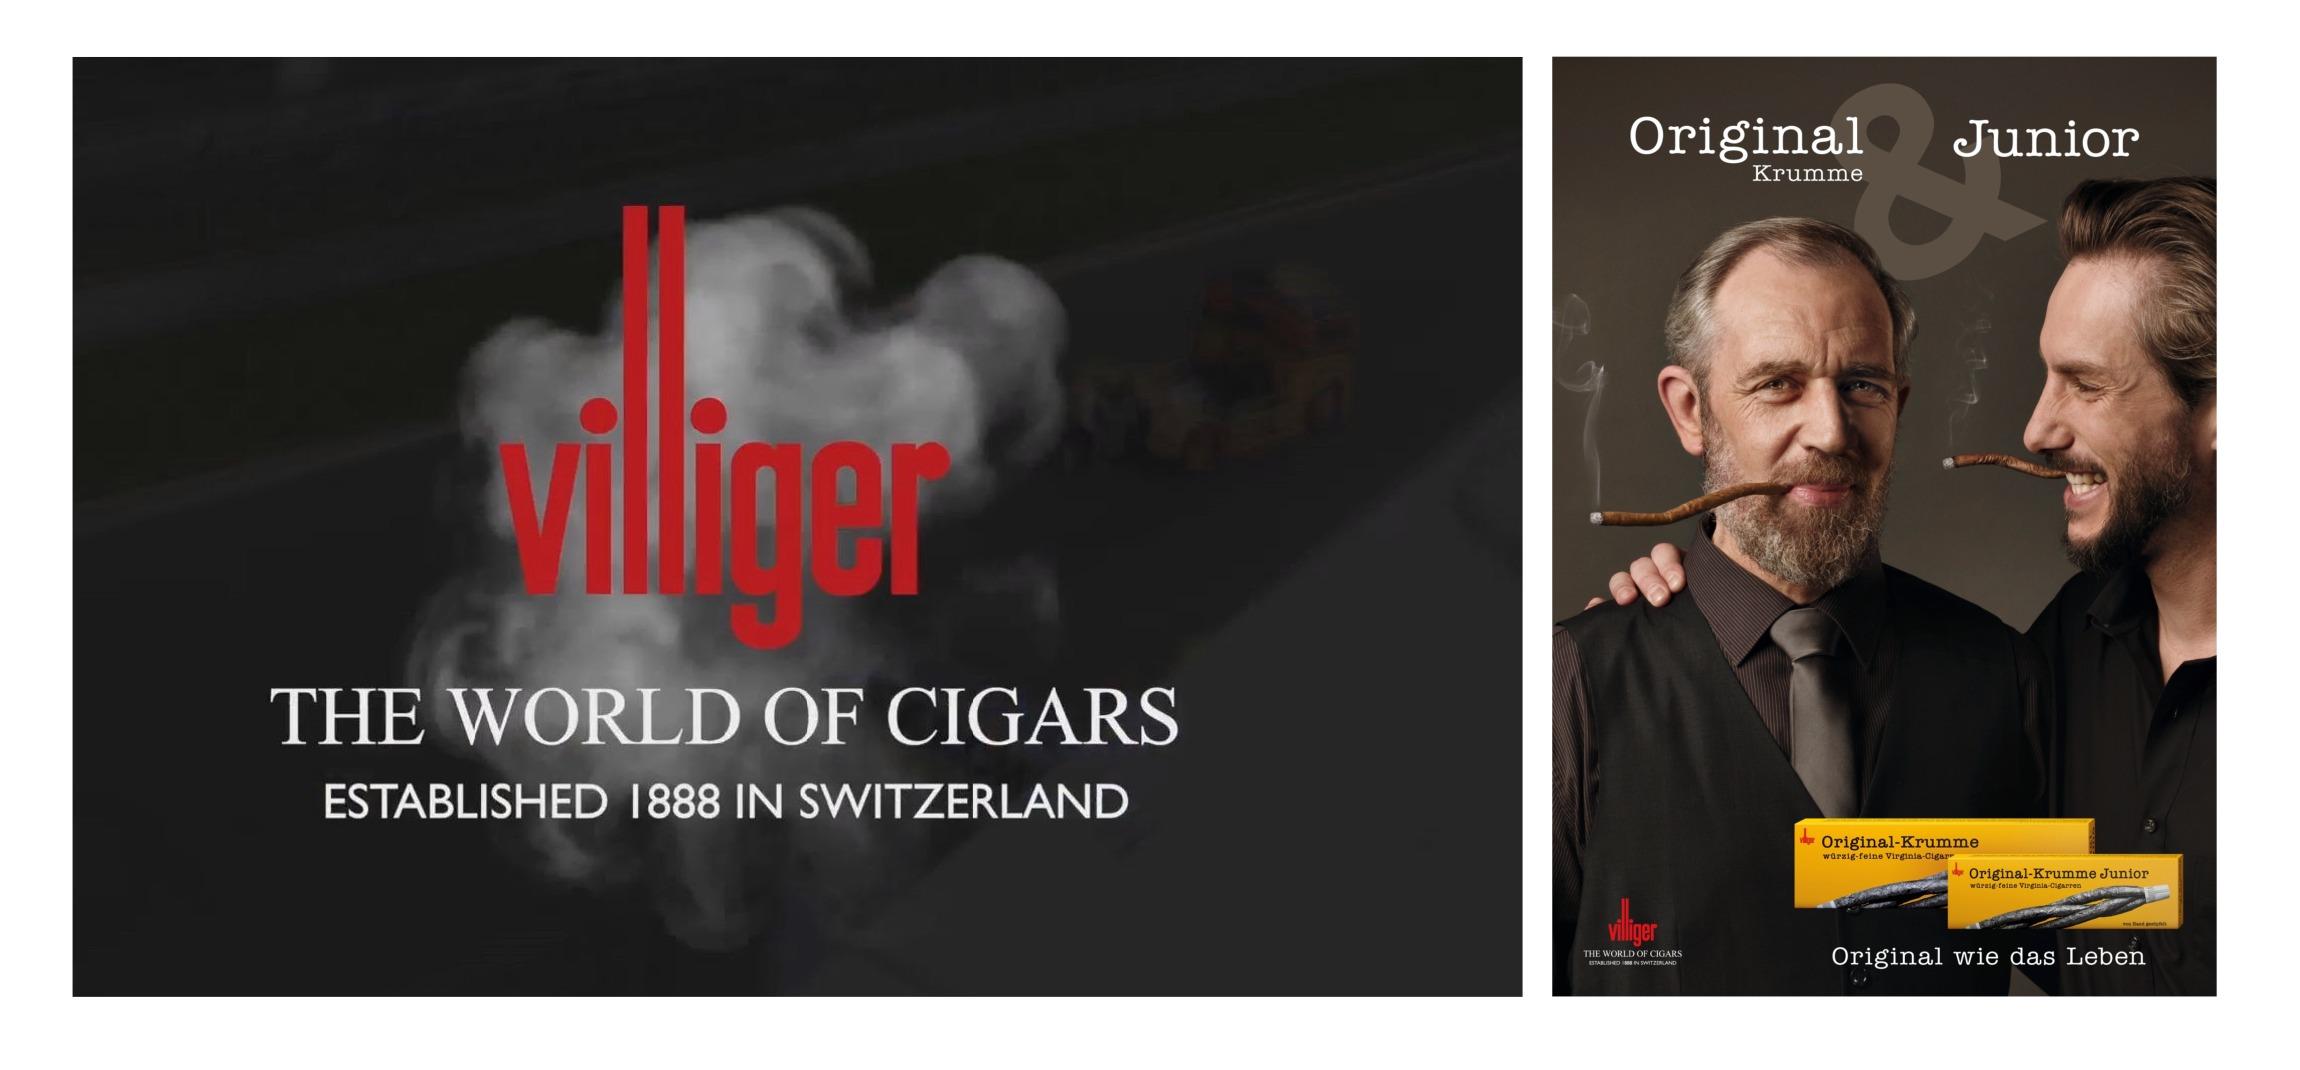 Villiger model_website_prints advertising - ohne Rahmen